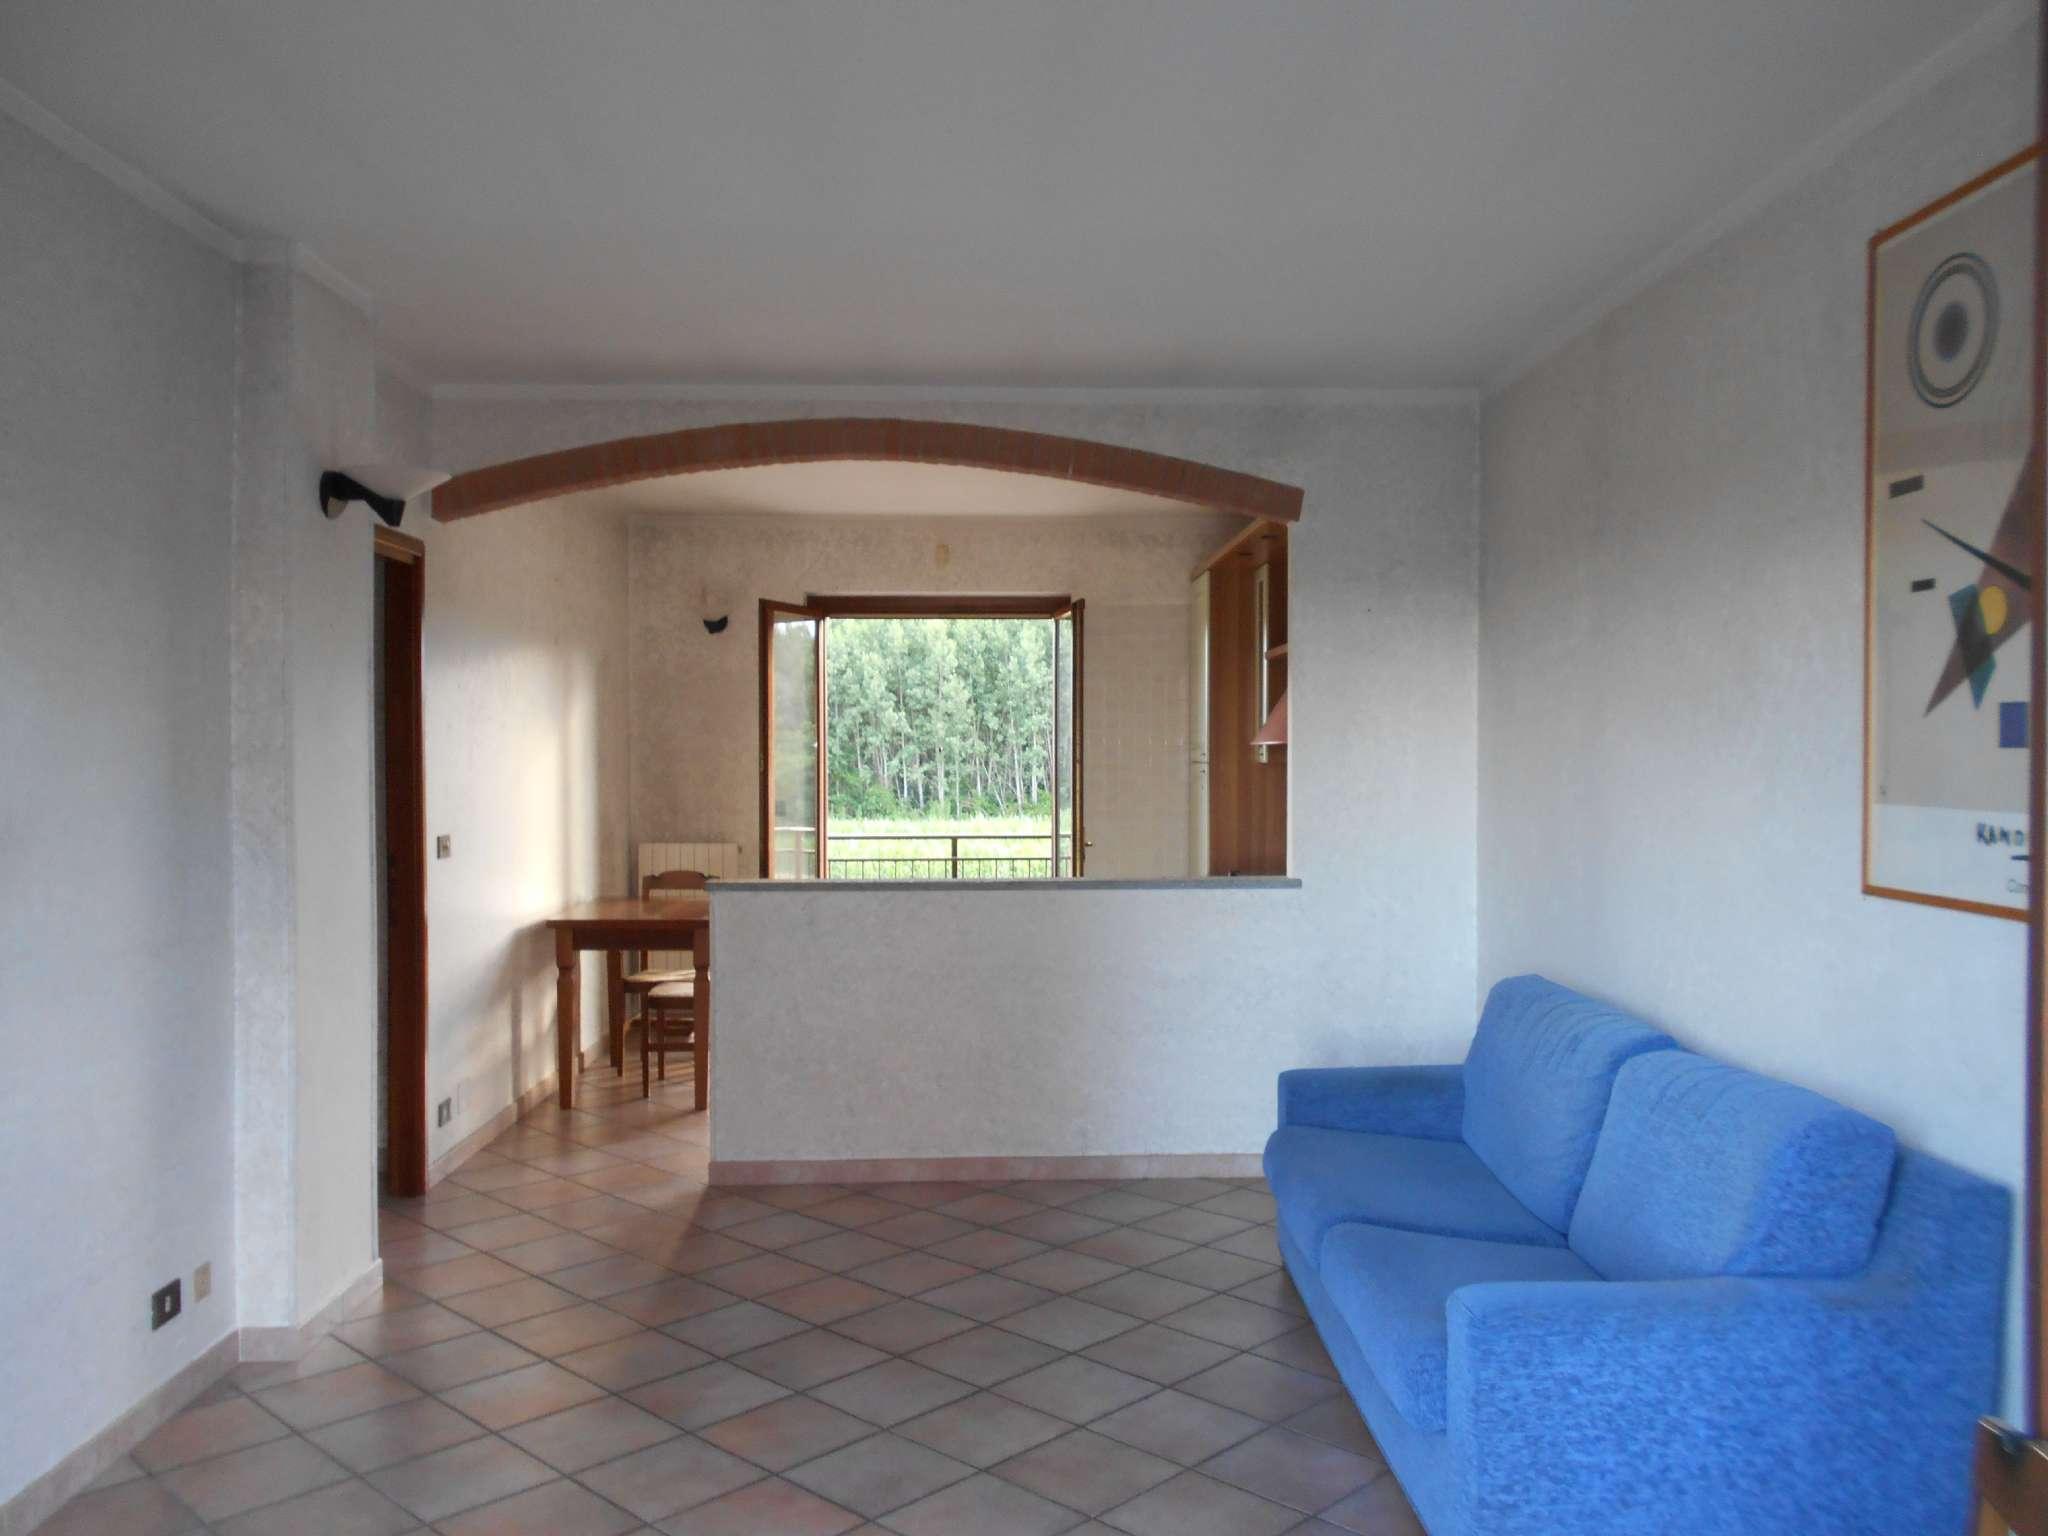 Appartamento in vendita a San Gillio, 4 locali, prezzo € 159.000 | CambioCasa.it